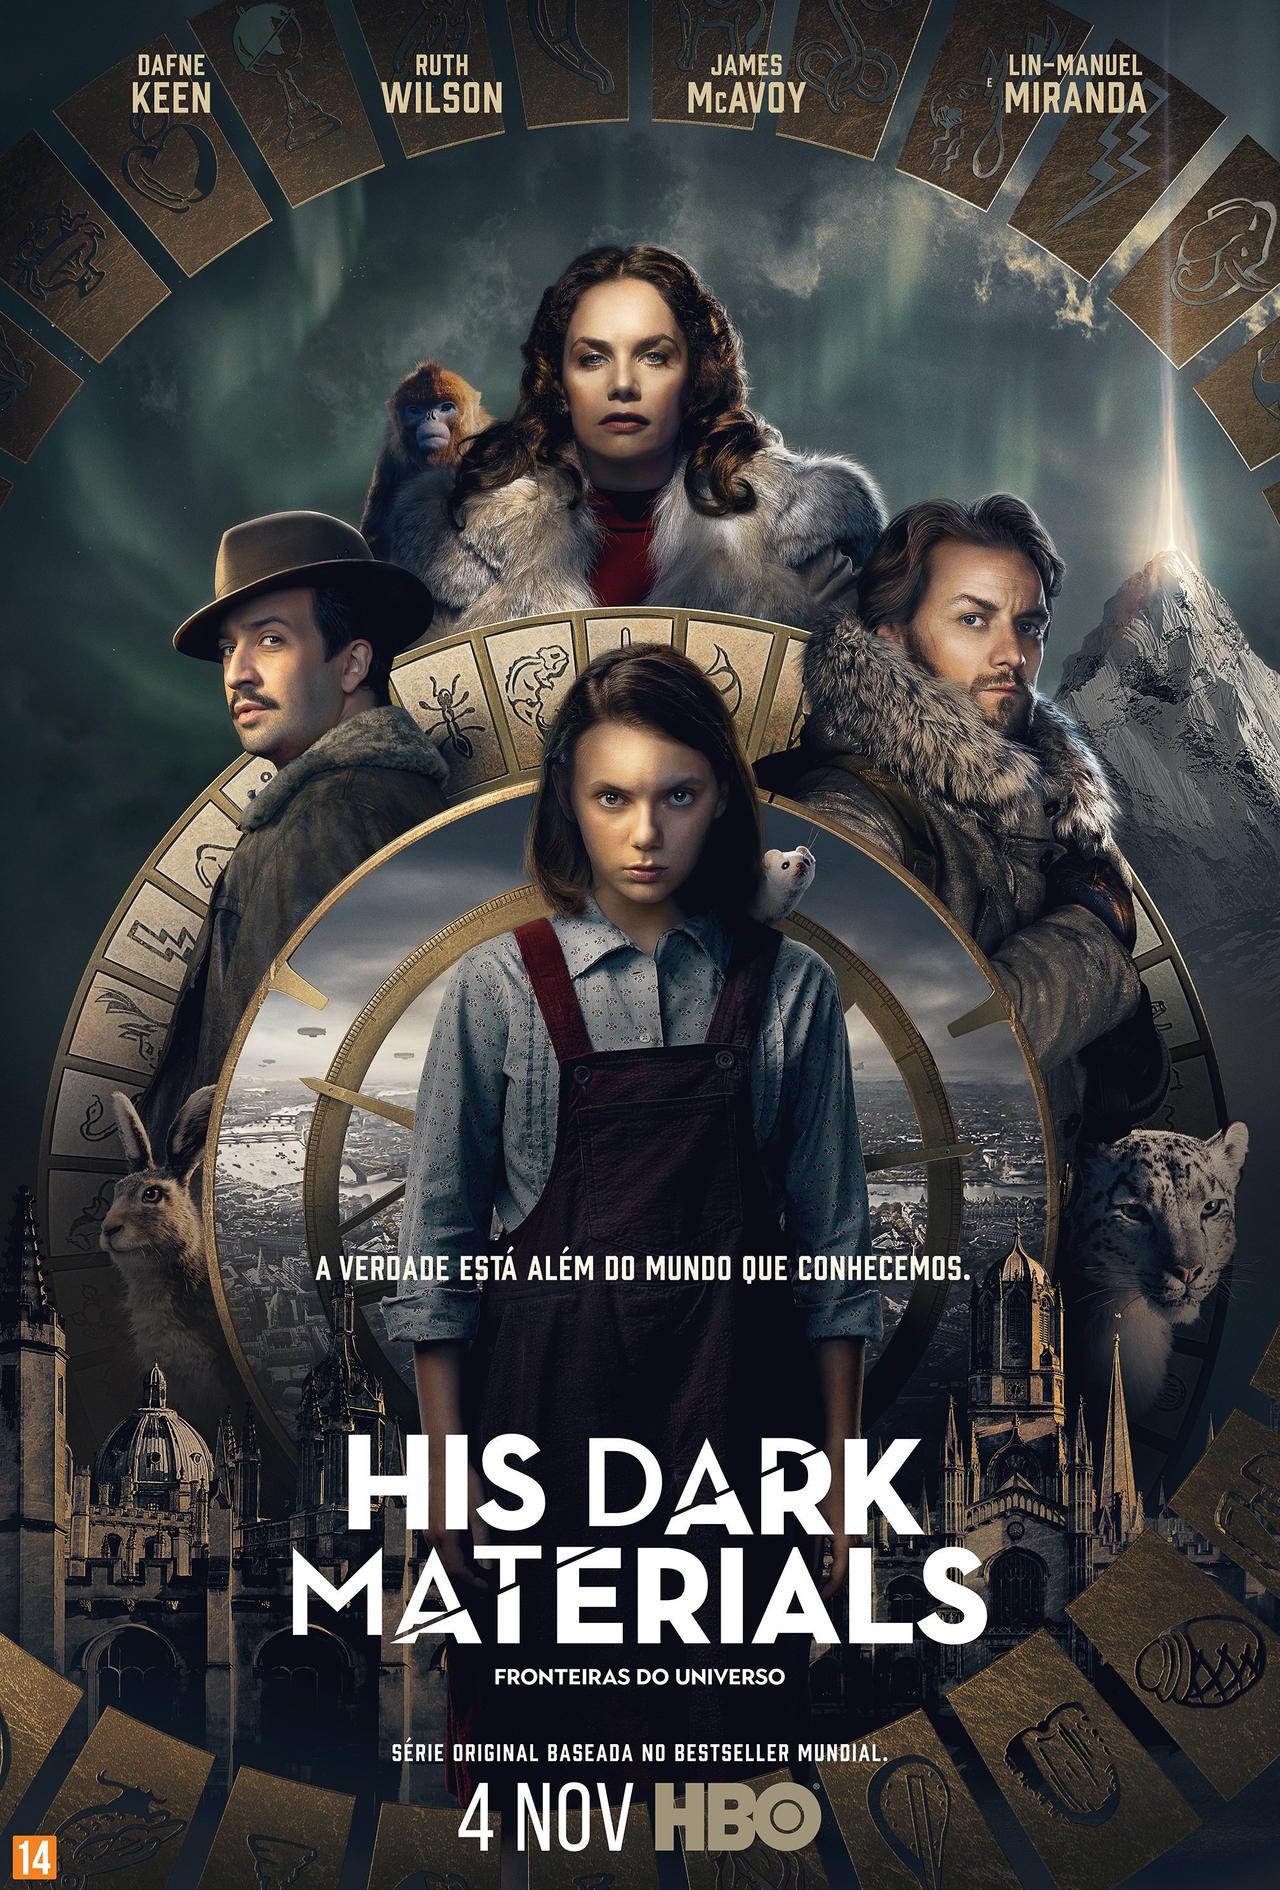 史上最贵英剧《黑暗物质》新照 一美和小狼女登场